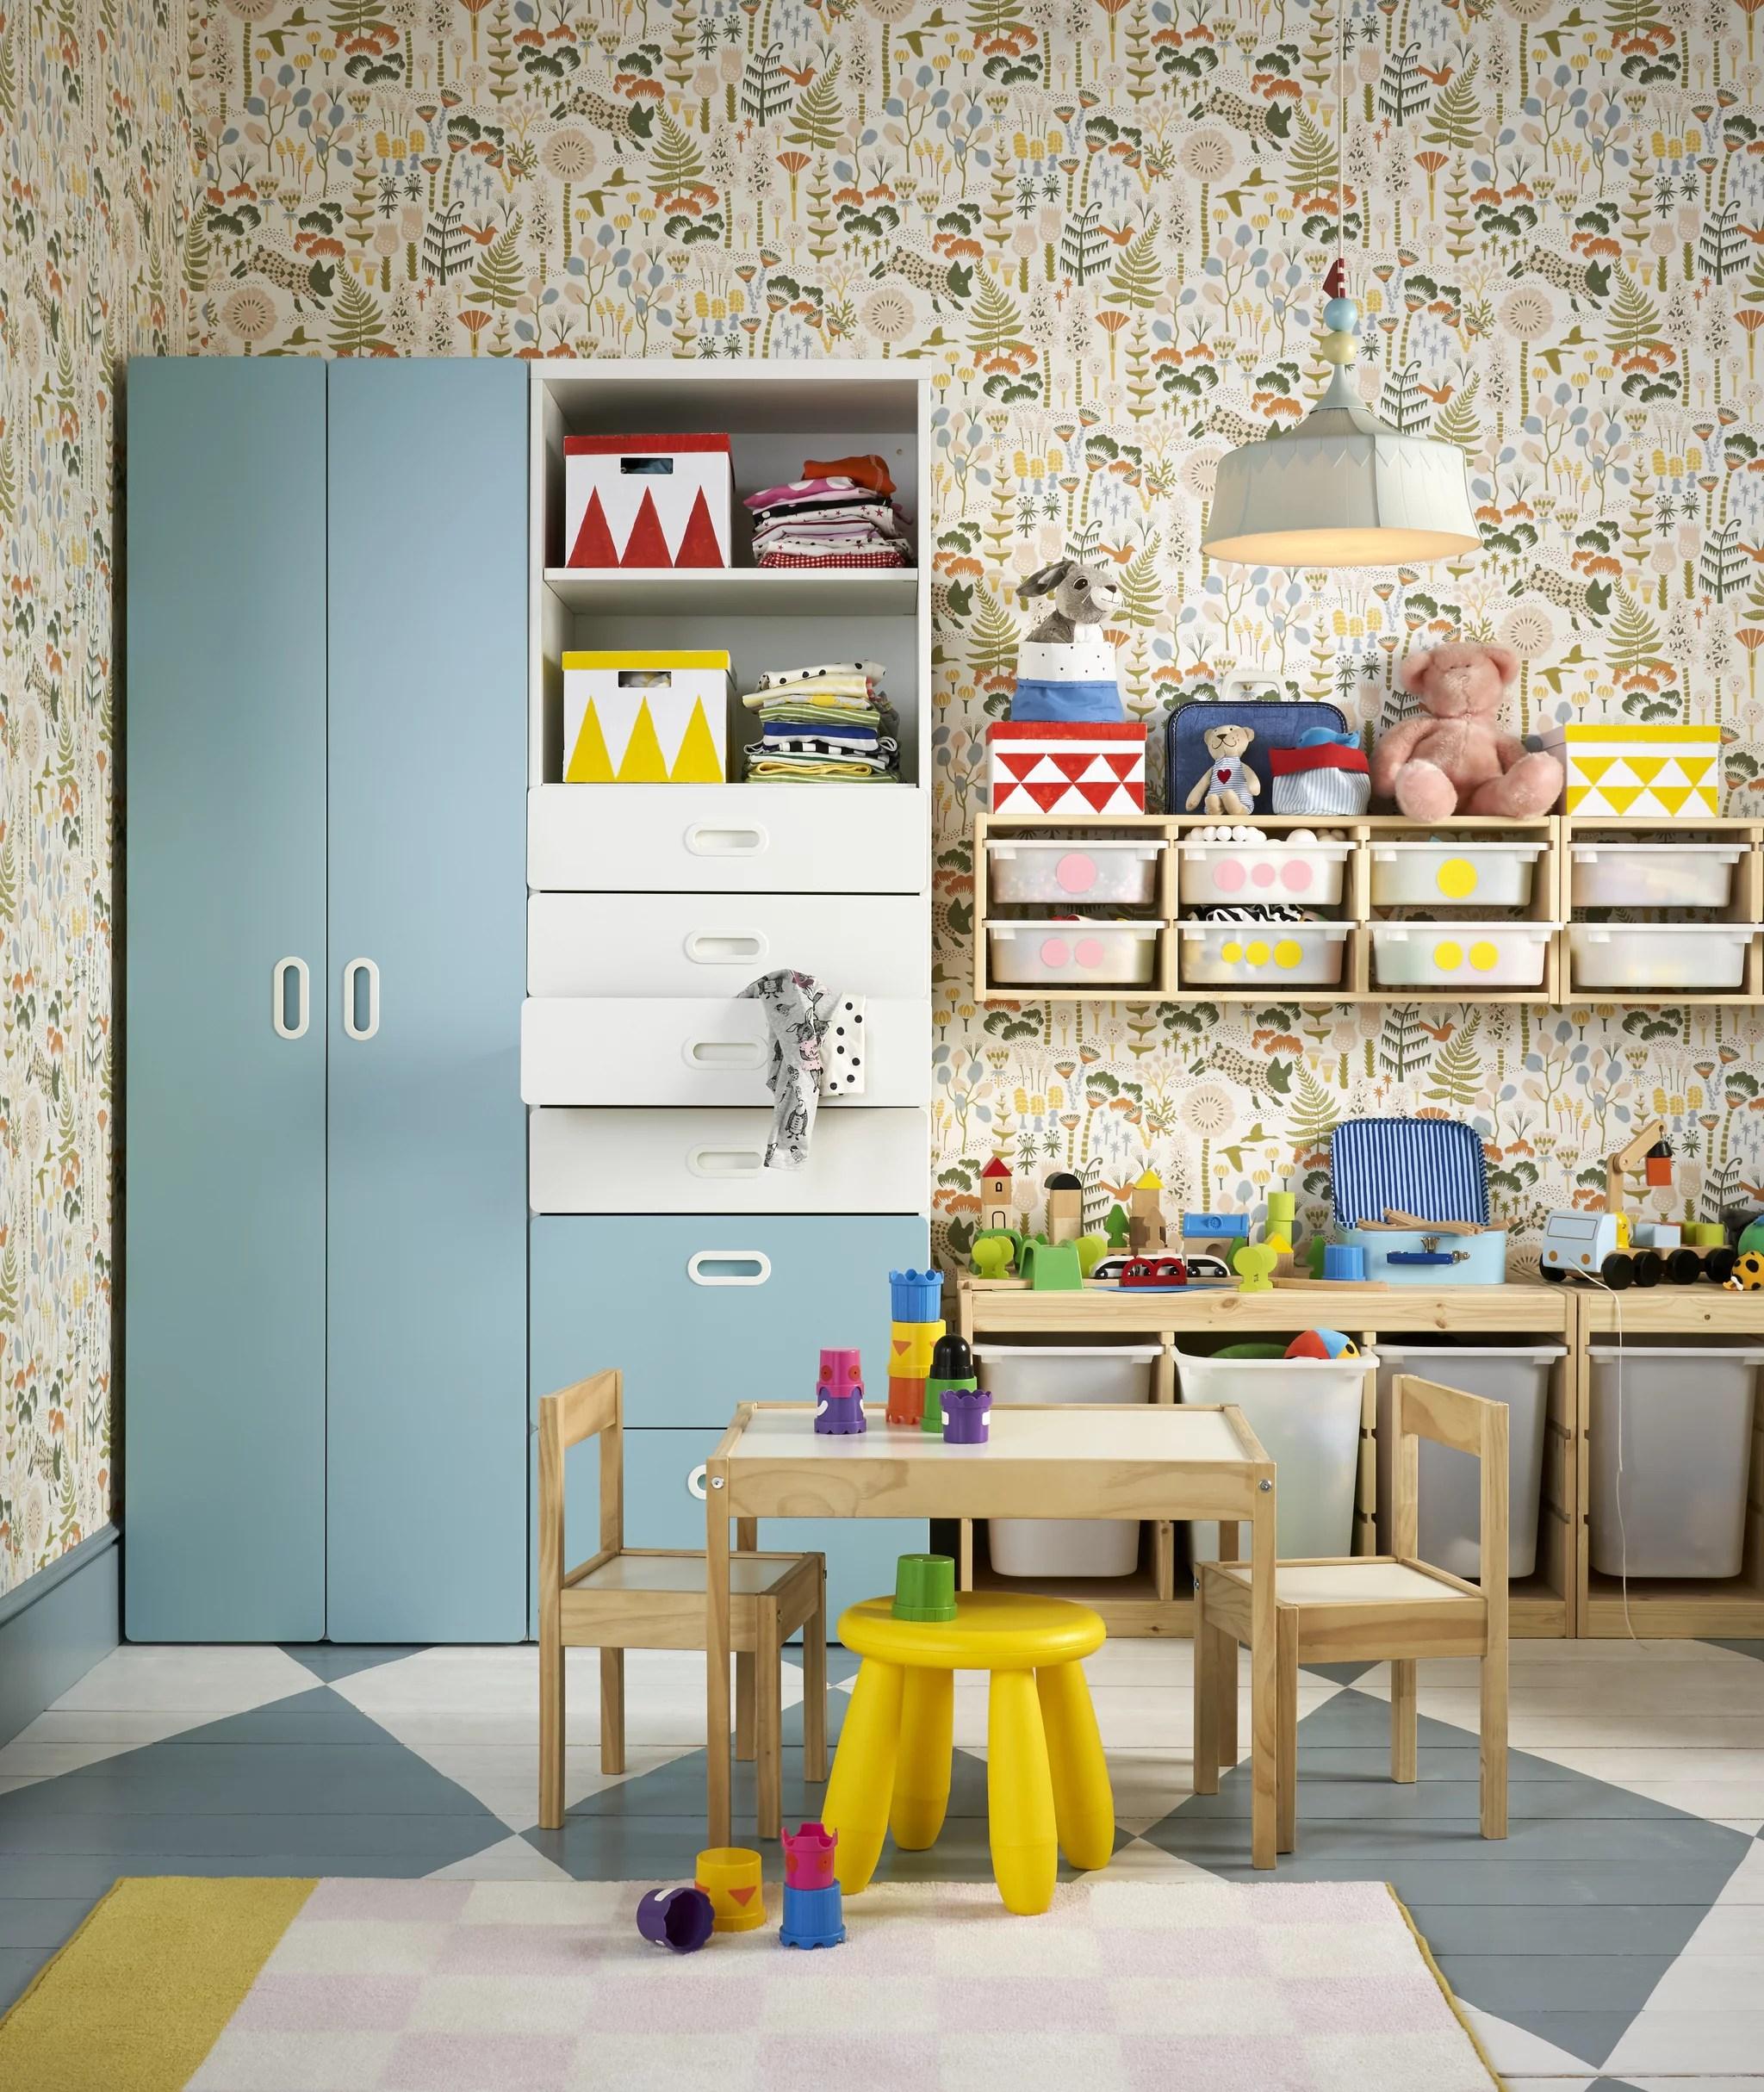 Ikea Catalogue 2020 Popsugar Home Uk